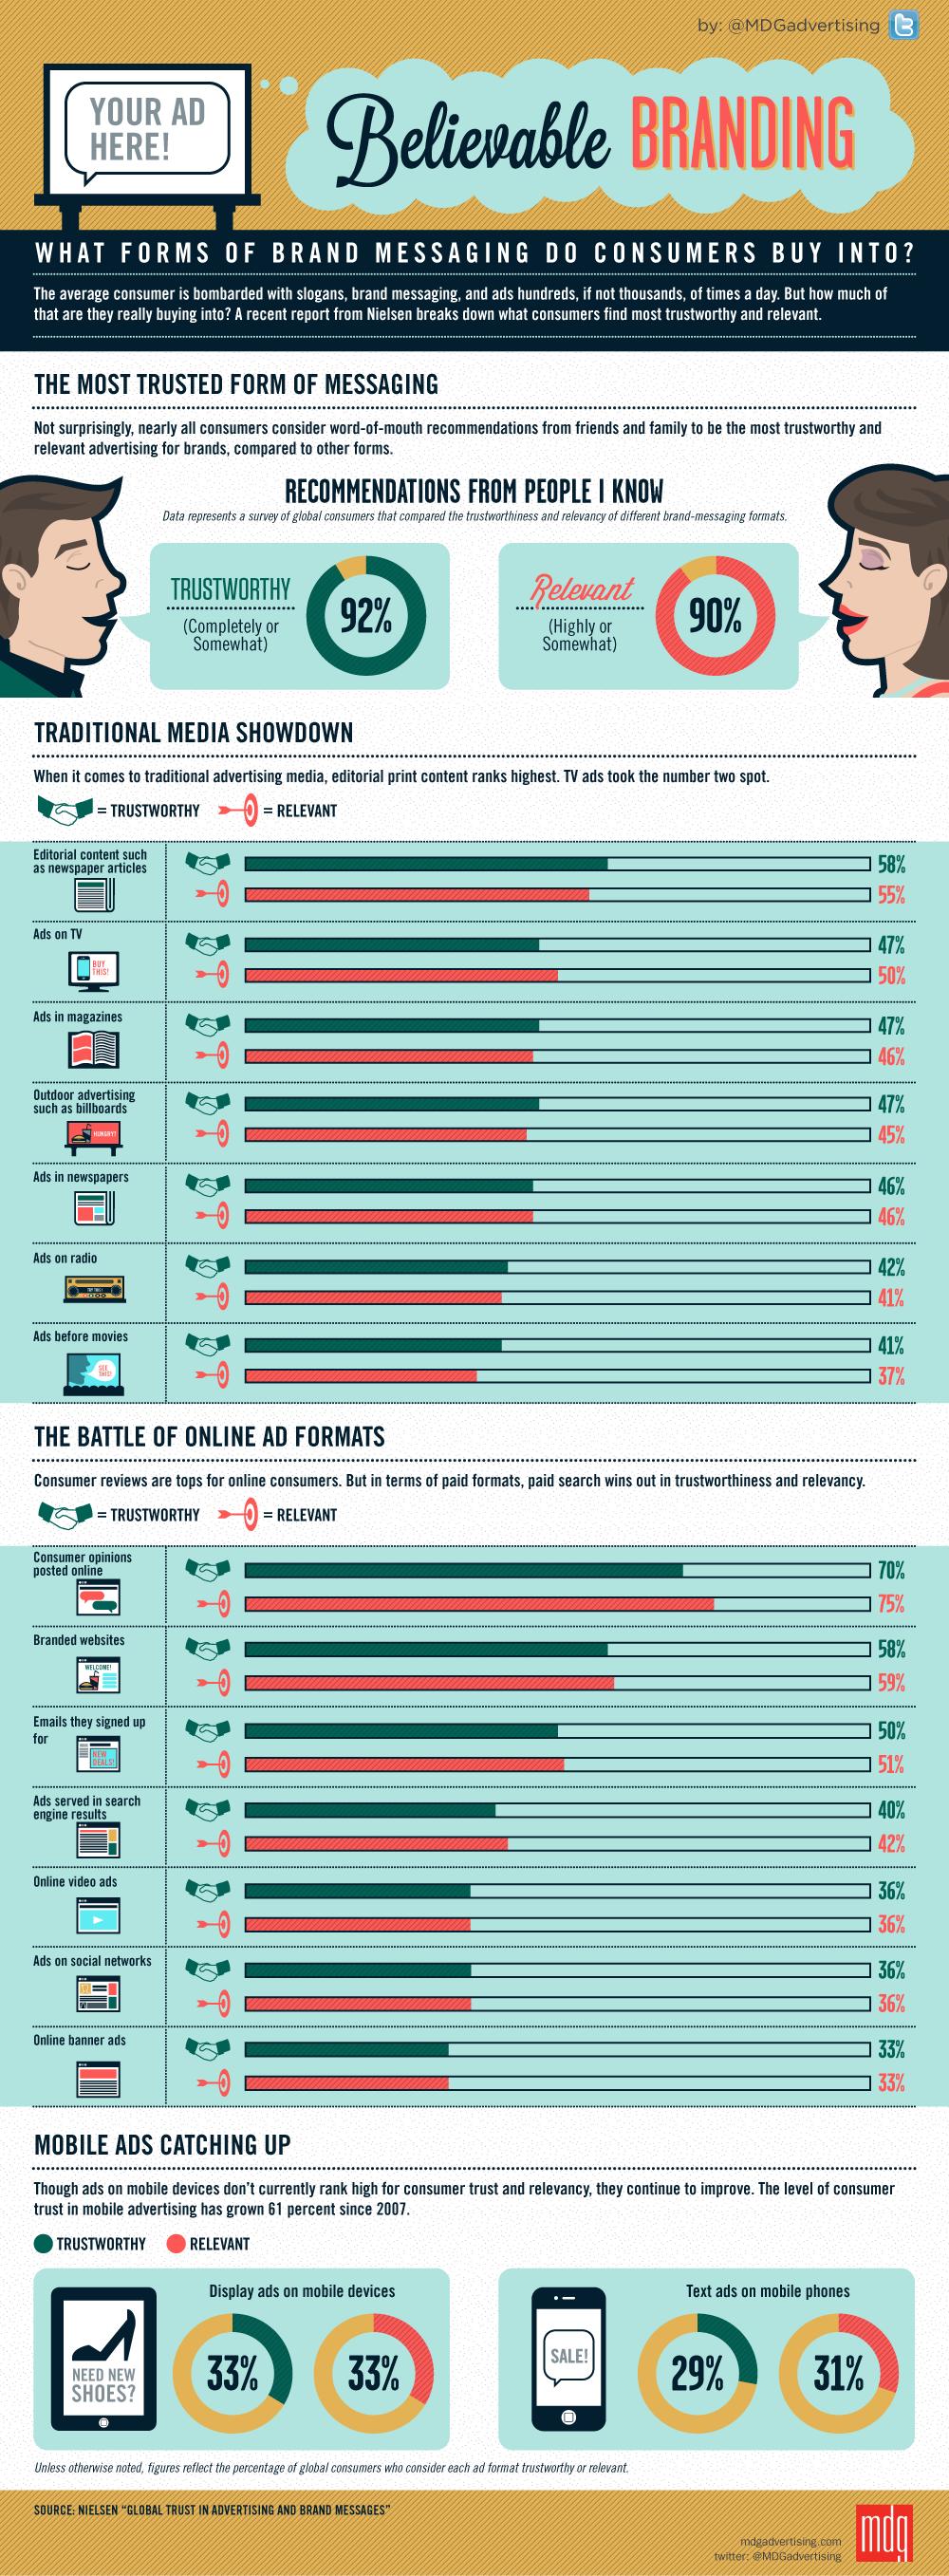 Believe in Brands-infographic